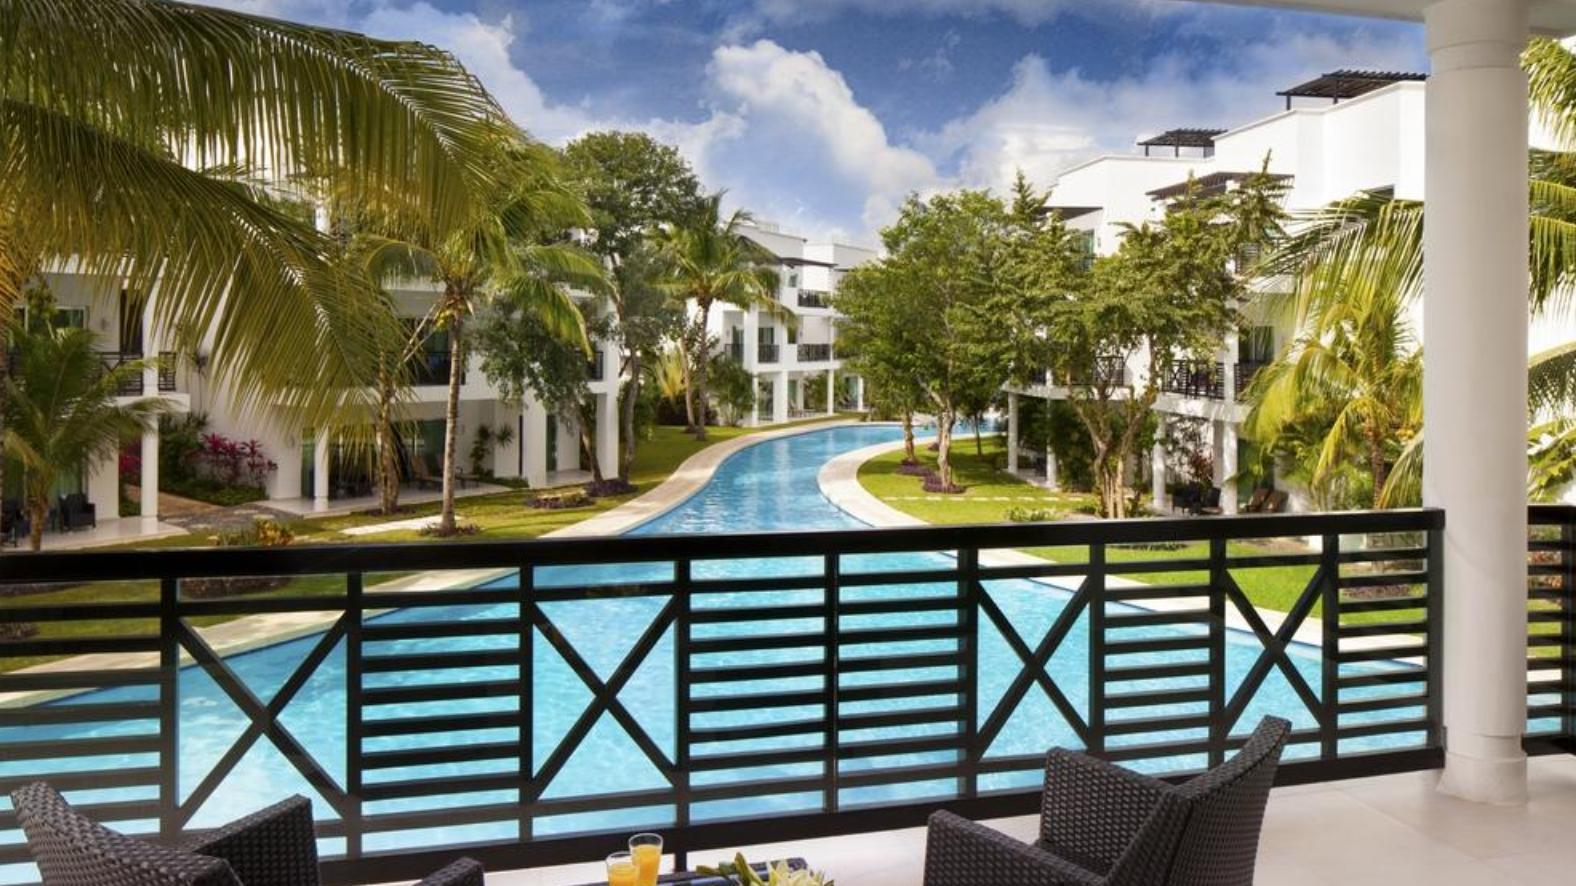 Indian Destination Wedding The Fives Azul Beach Resort 3.PNG